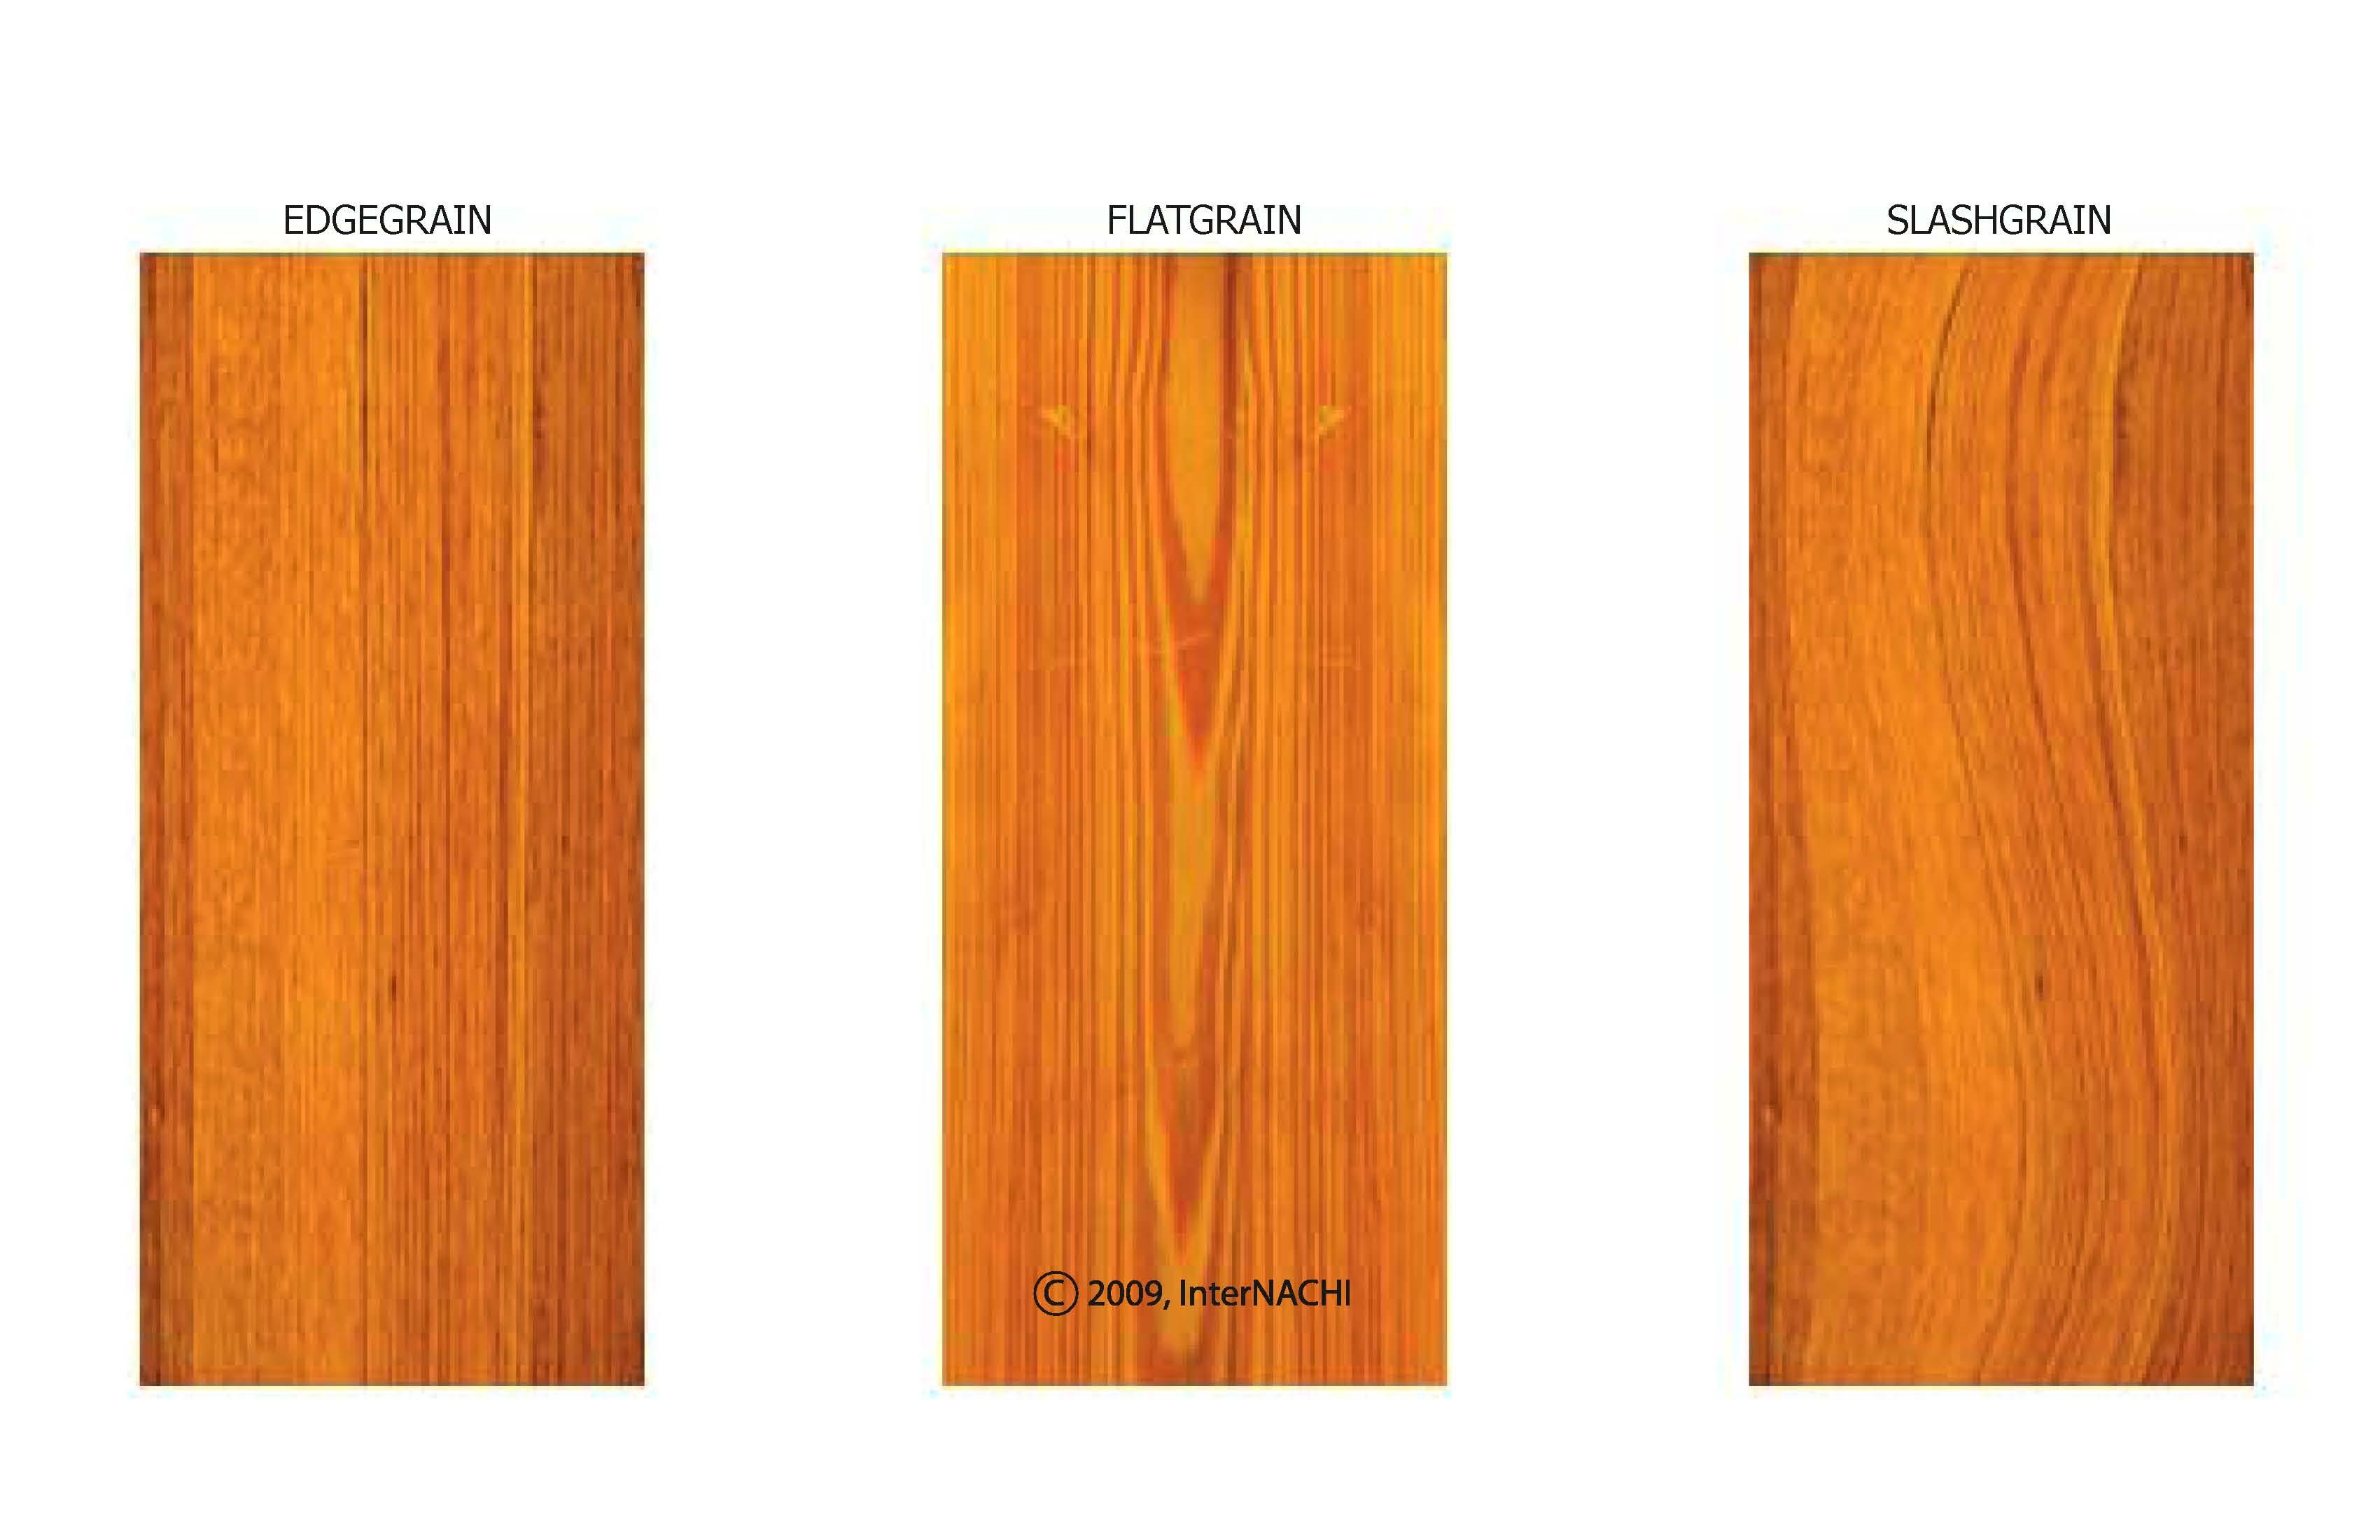 Wood shake types.